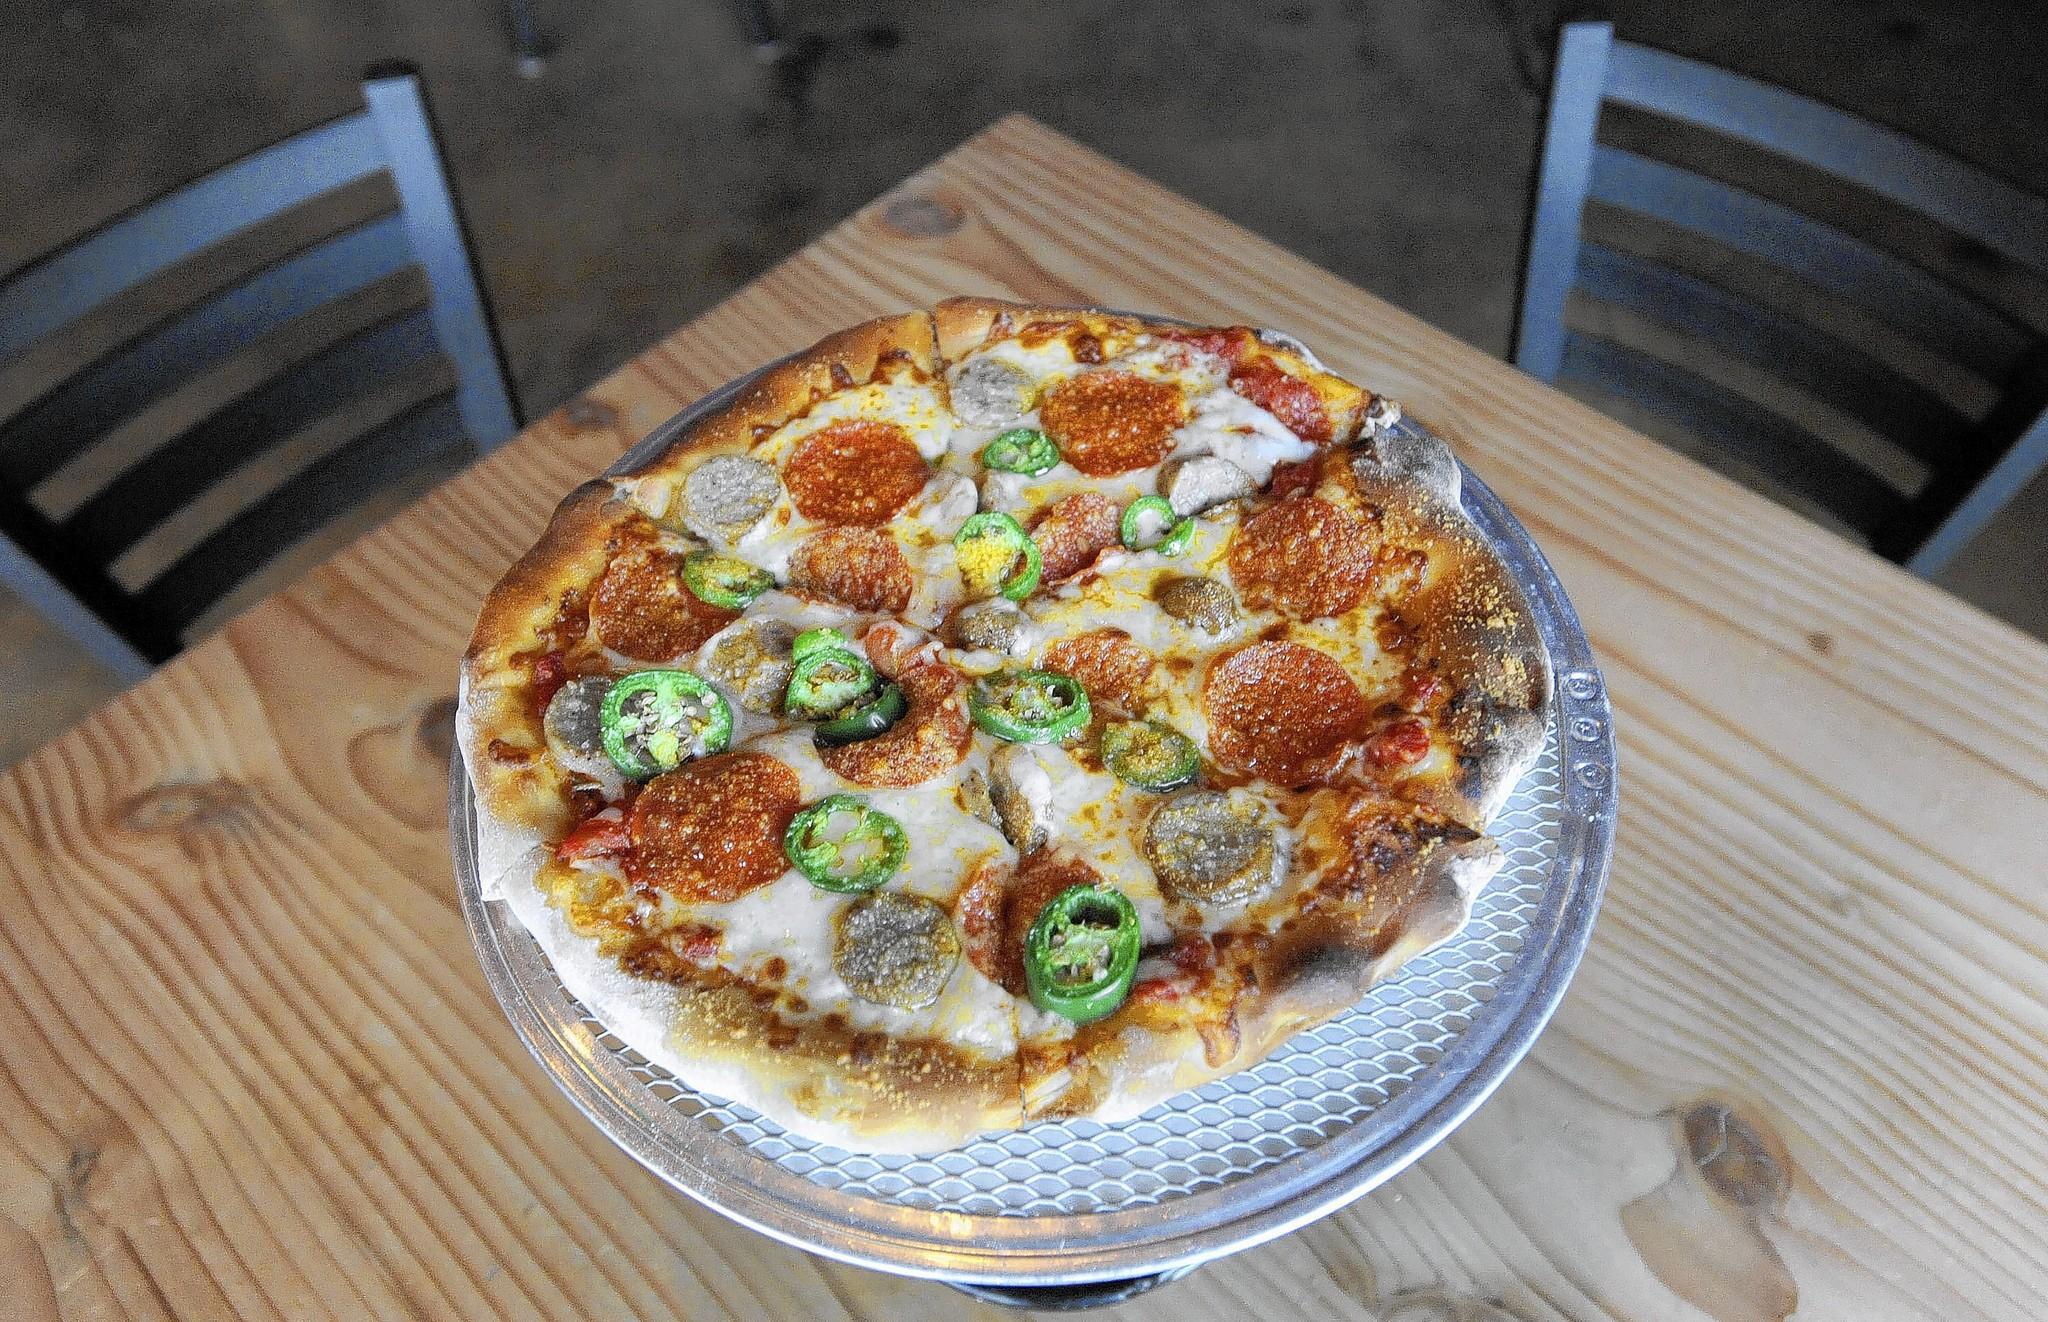 Gringo pizza